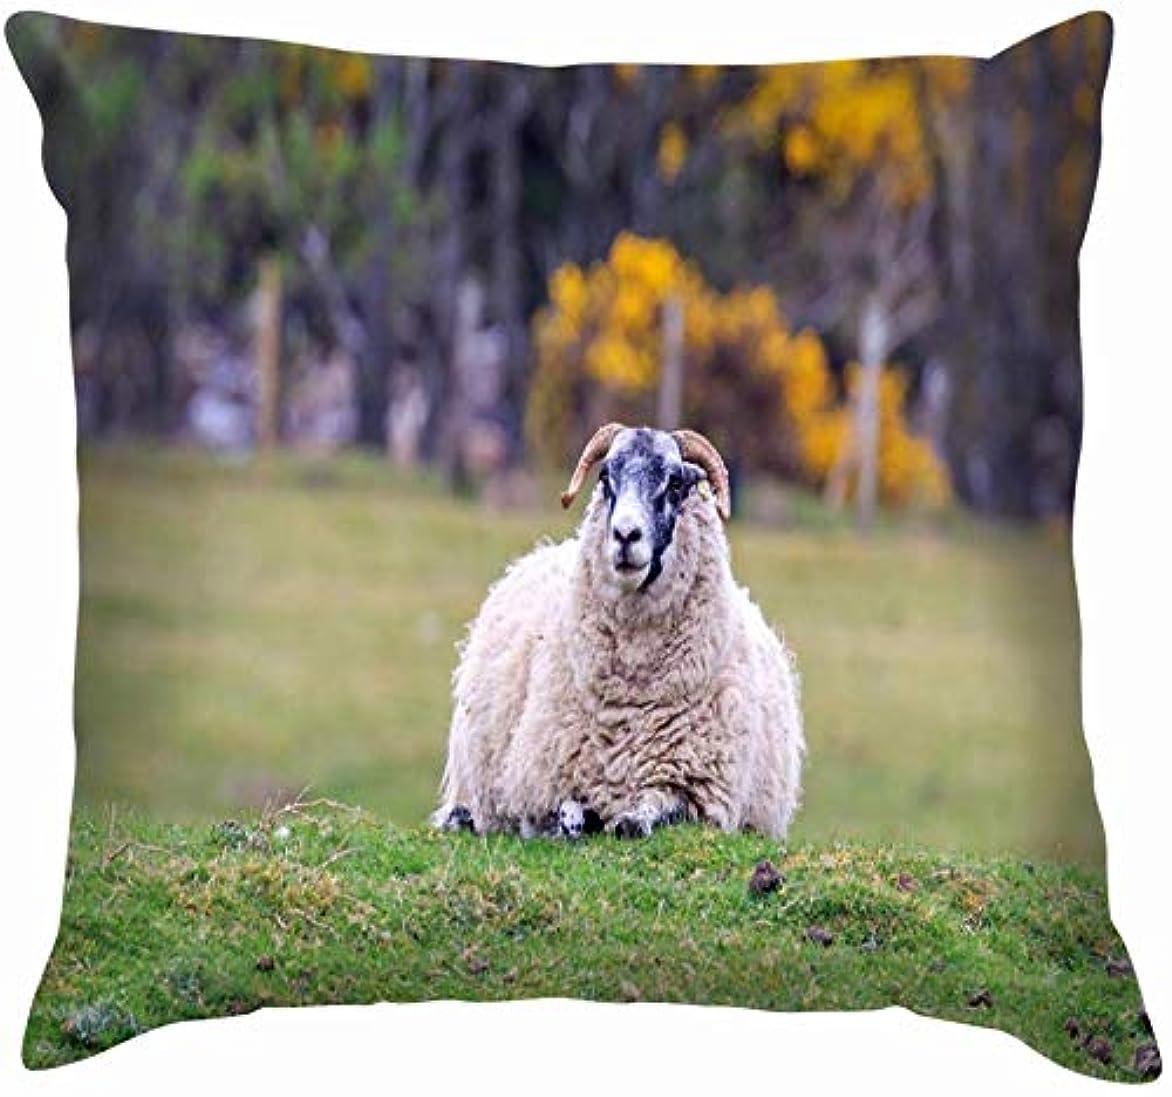 学期表向きエキサイティングスコットランドブラックフェイス羊立っている牧草地動物野生生物農業自然投げる枕カバーホームソファクッションカバー枕カバーギフト45x45 cm